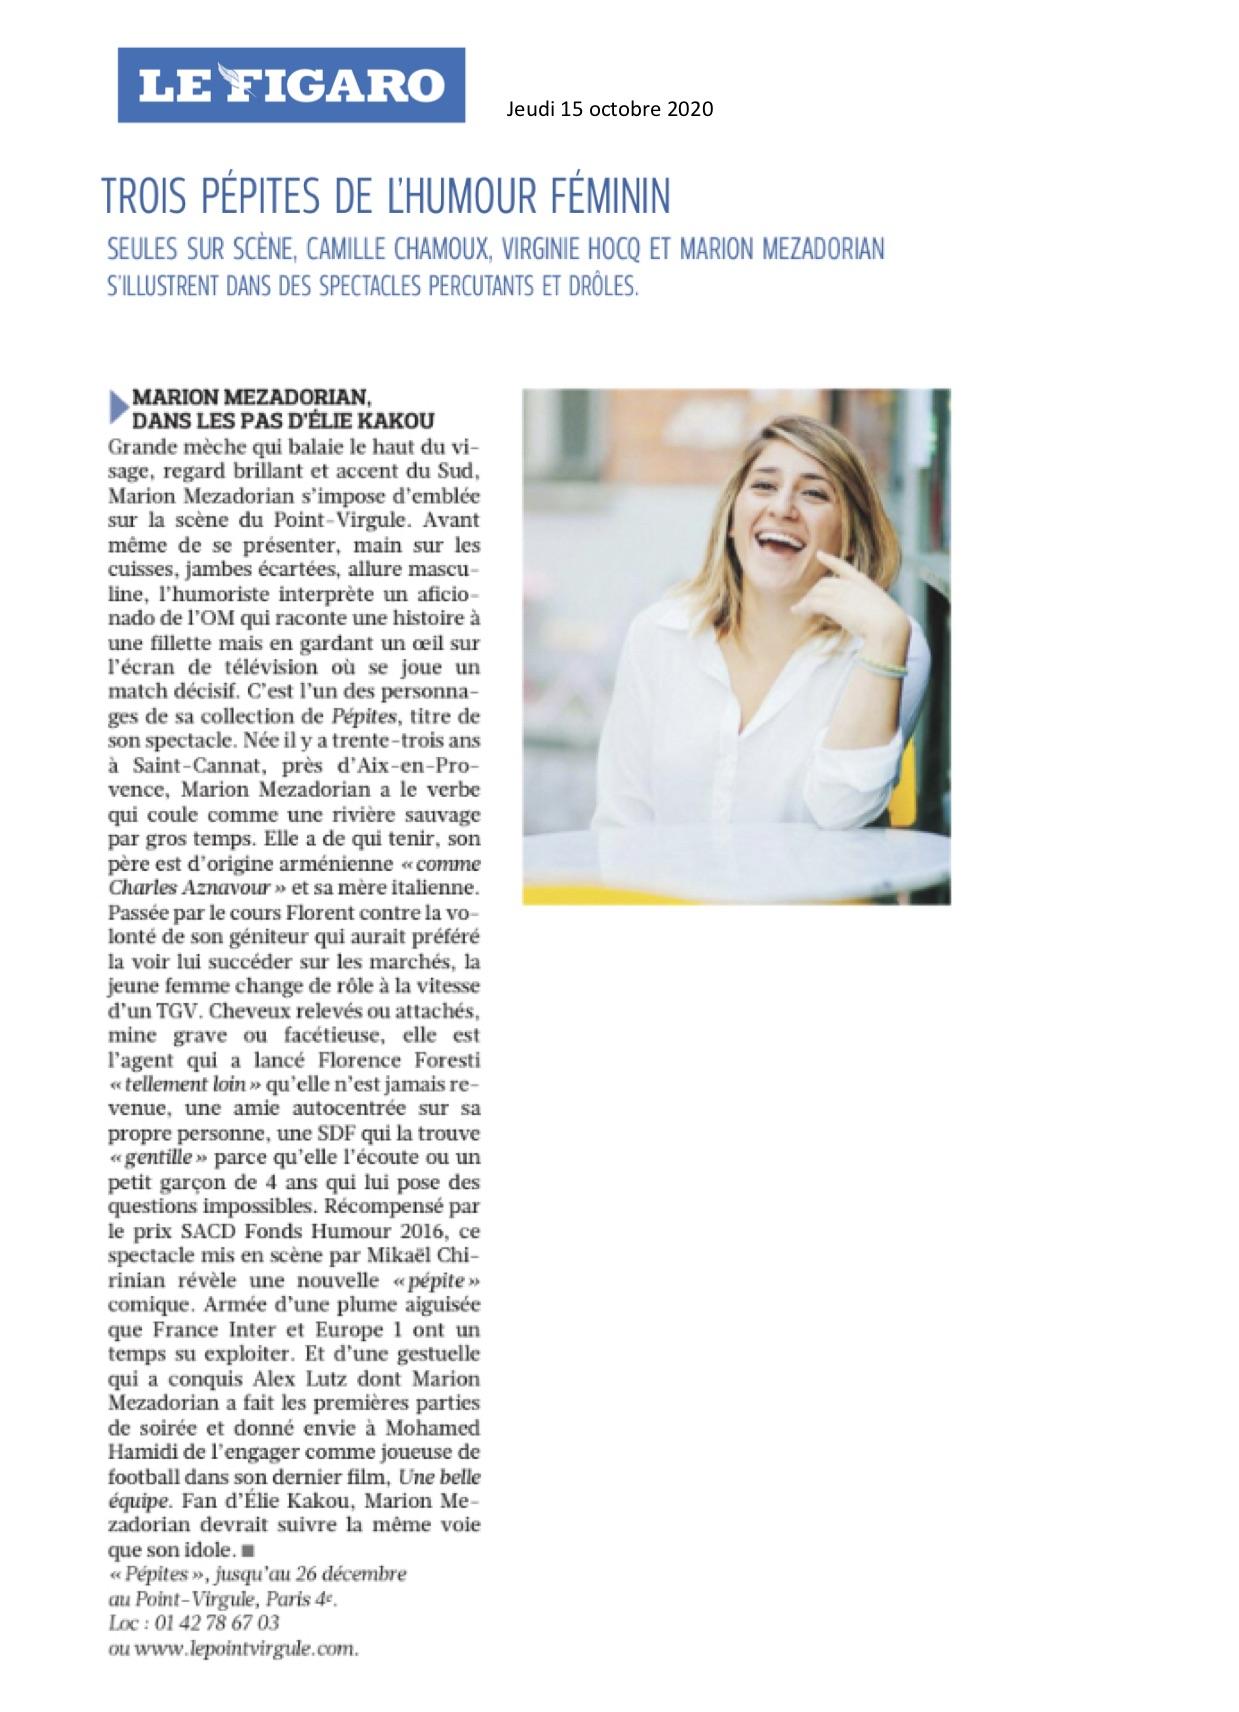 Le Figaro 15.10.20